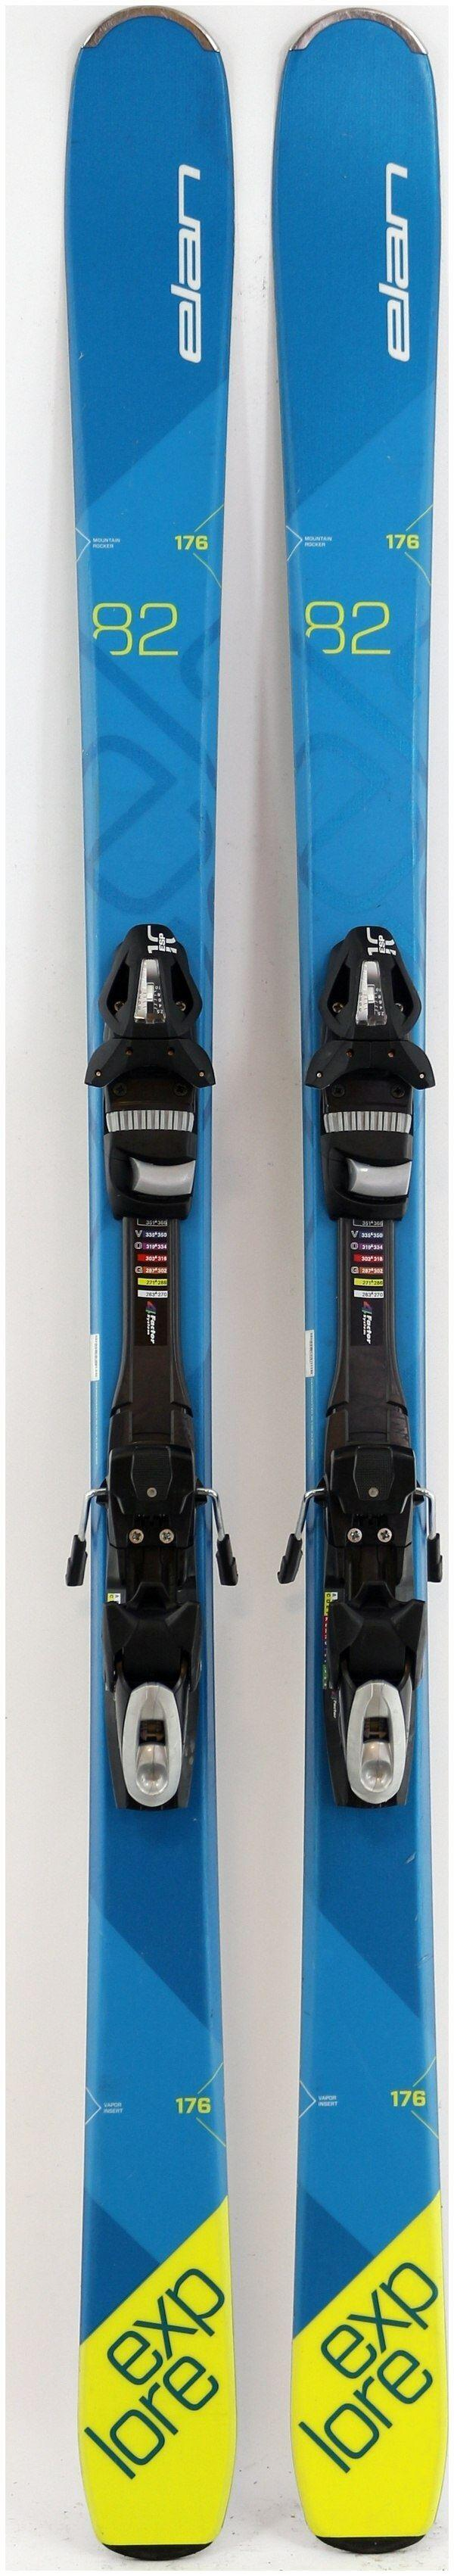 Elan Explore 82 PS Ski + EL 10 GW Shift Binding